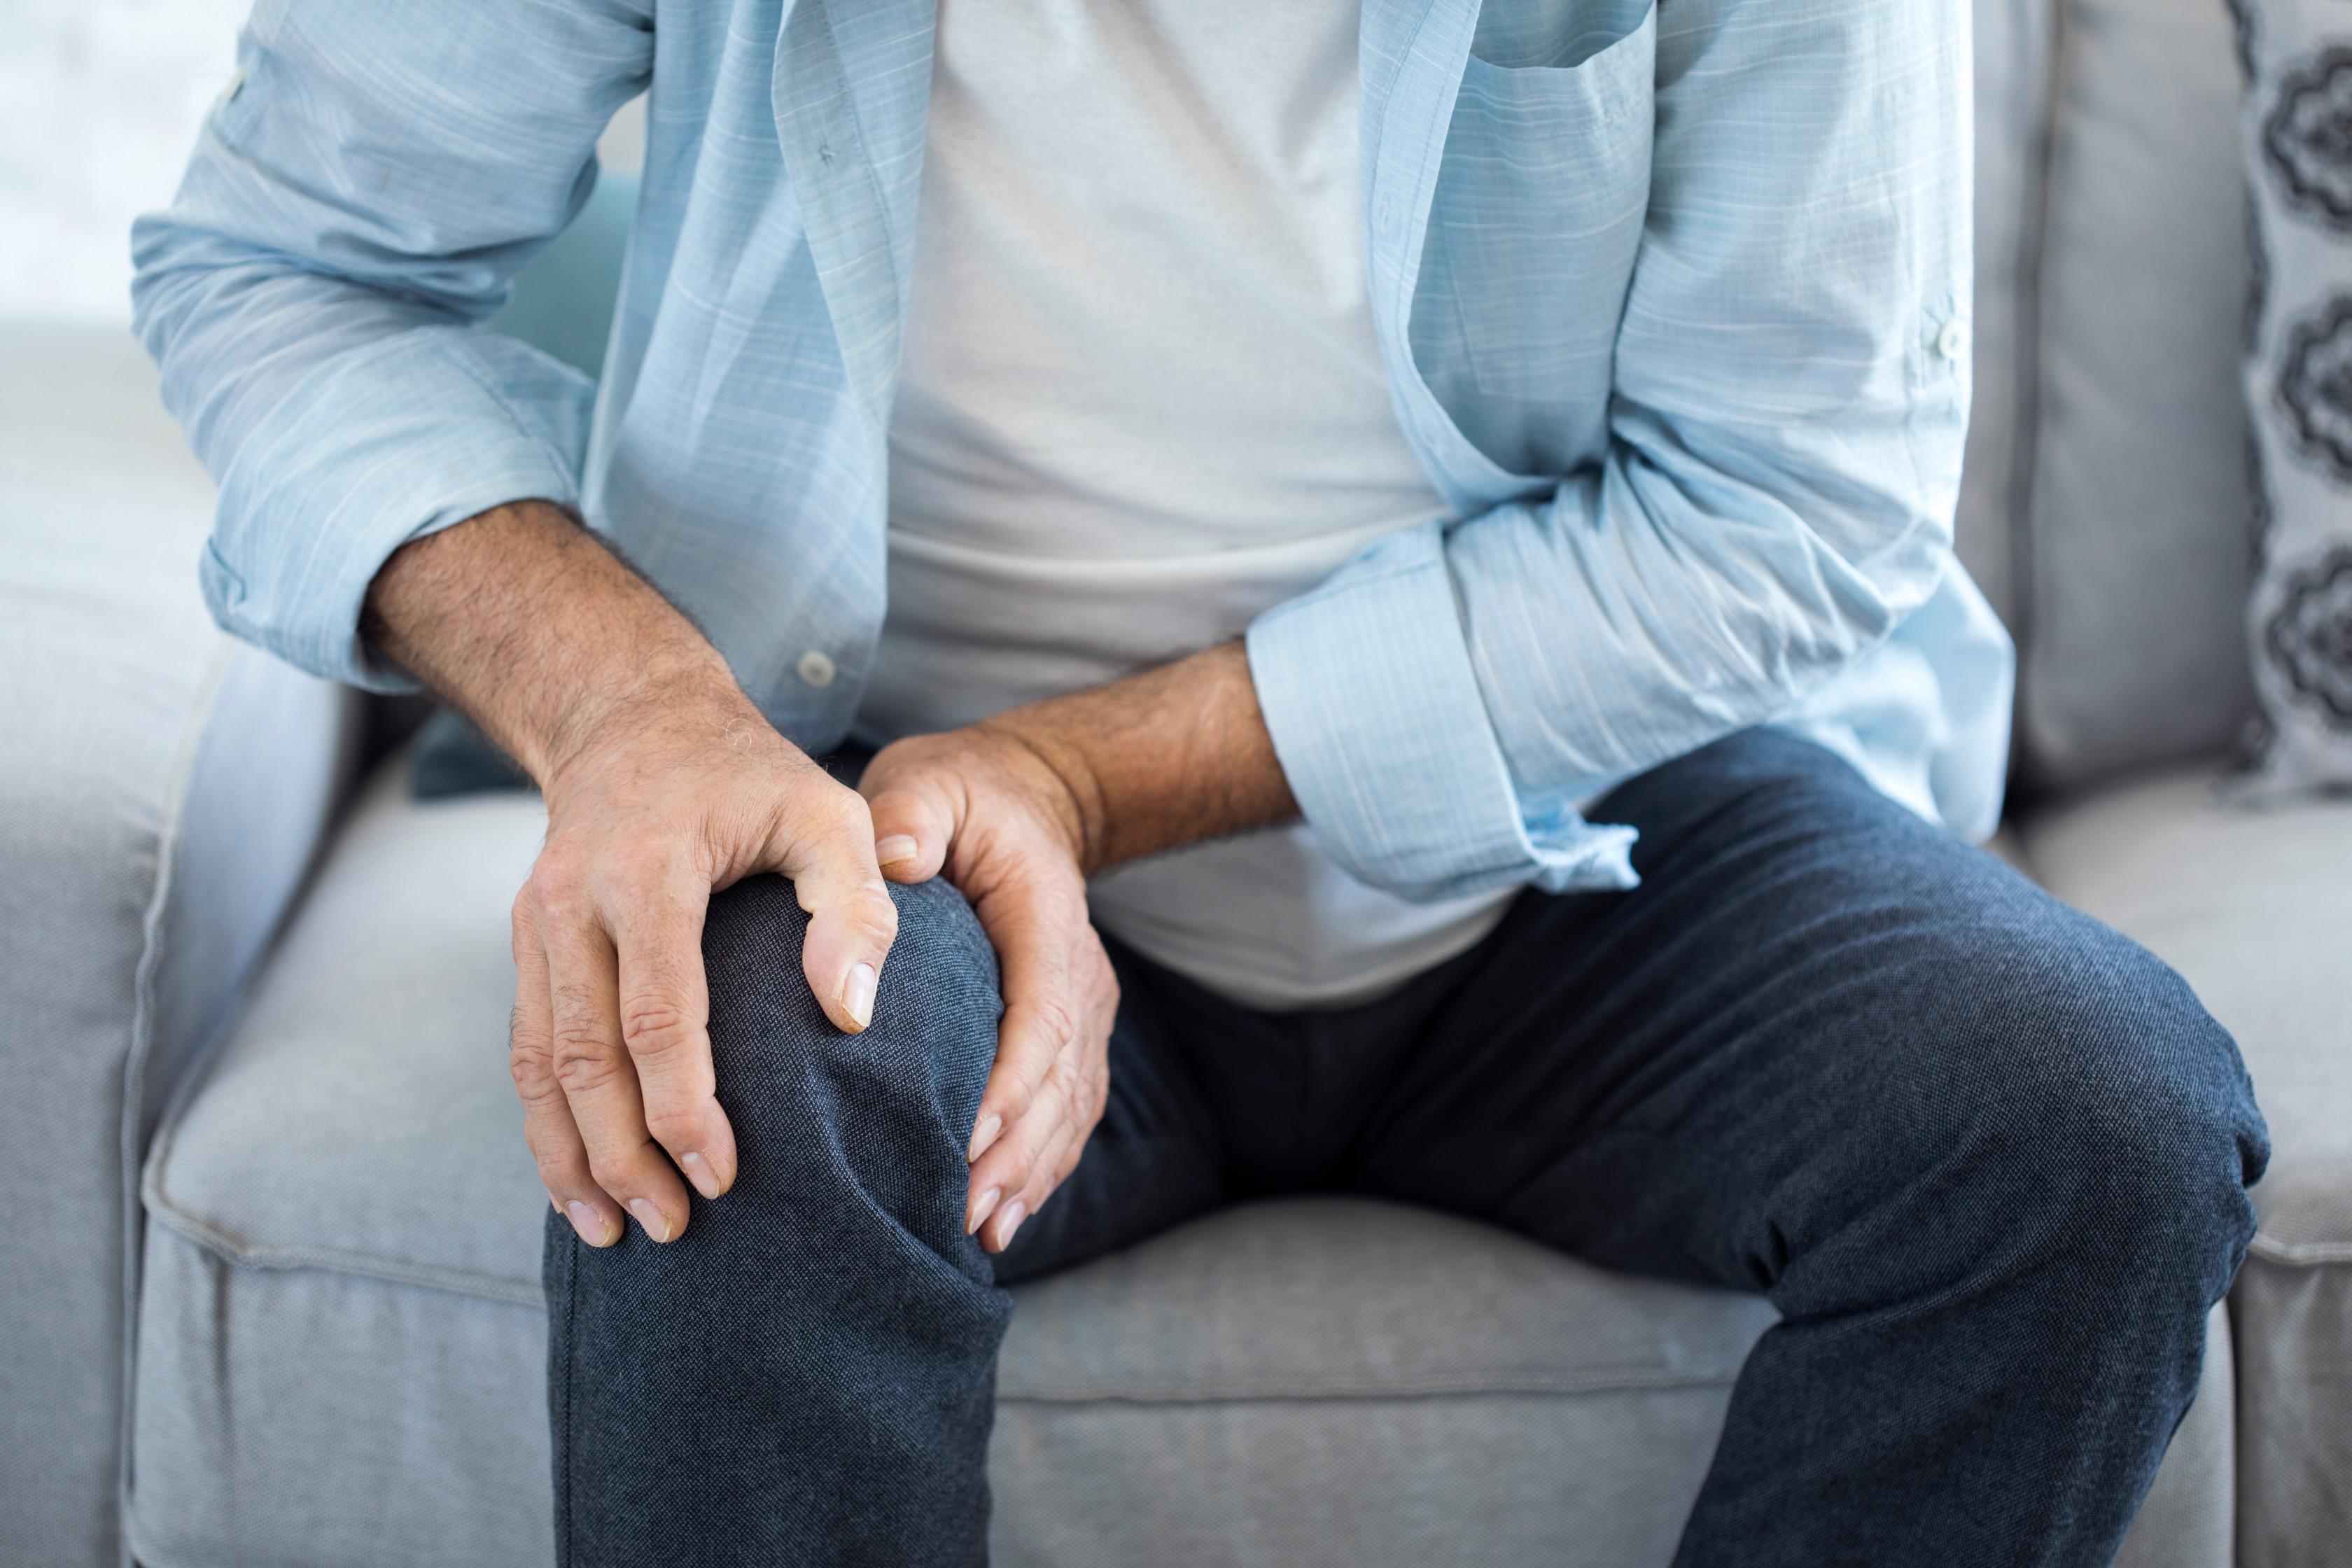 ízületek fáj az idős emberekben mely gyógyszerek tartalmaznak kondroitin-glükozamint